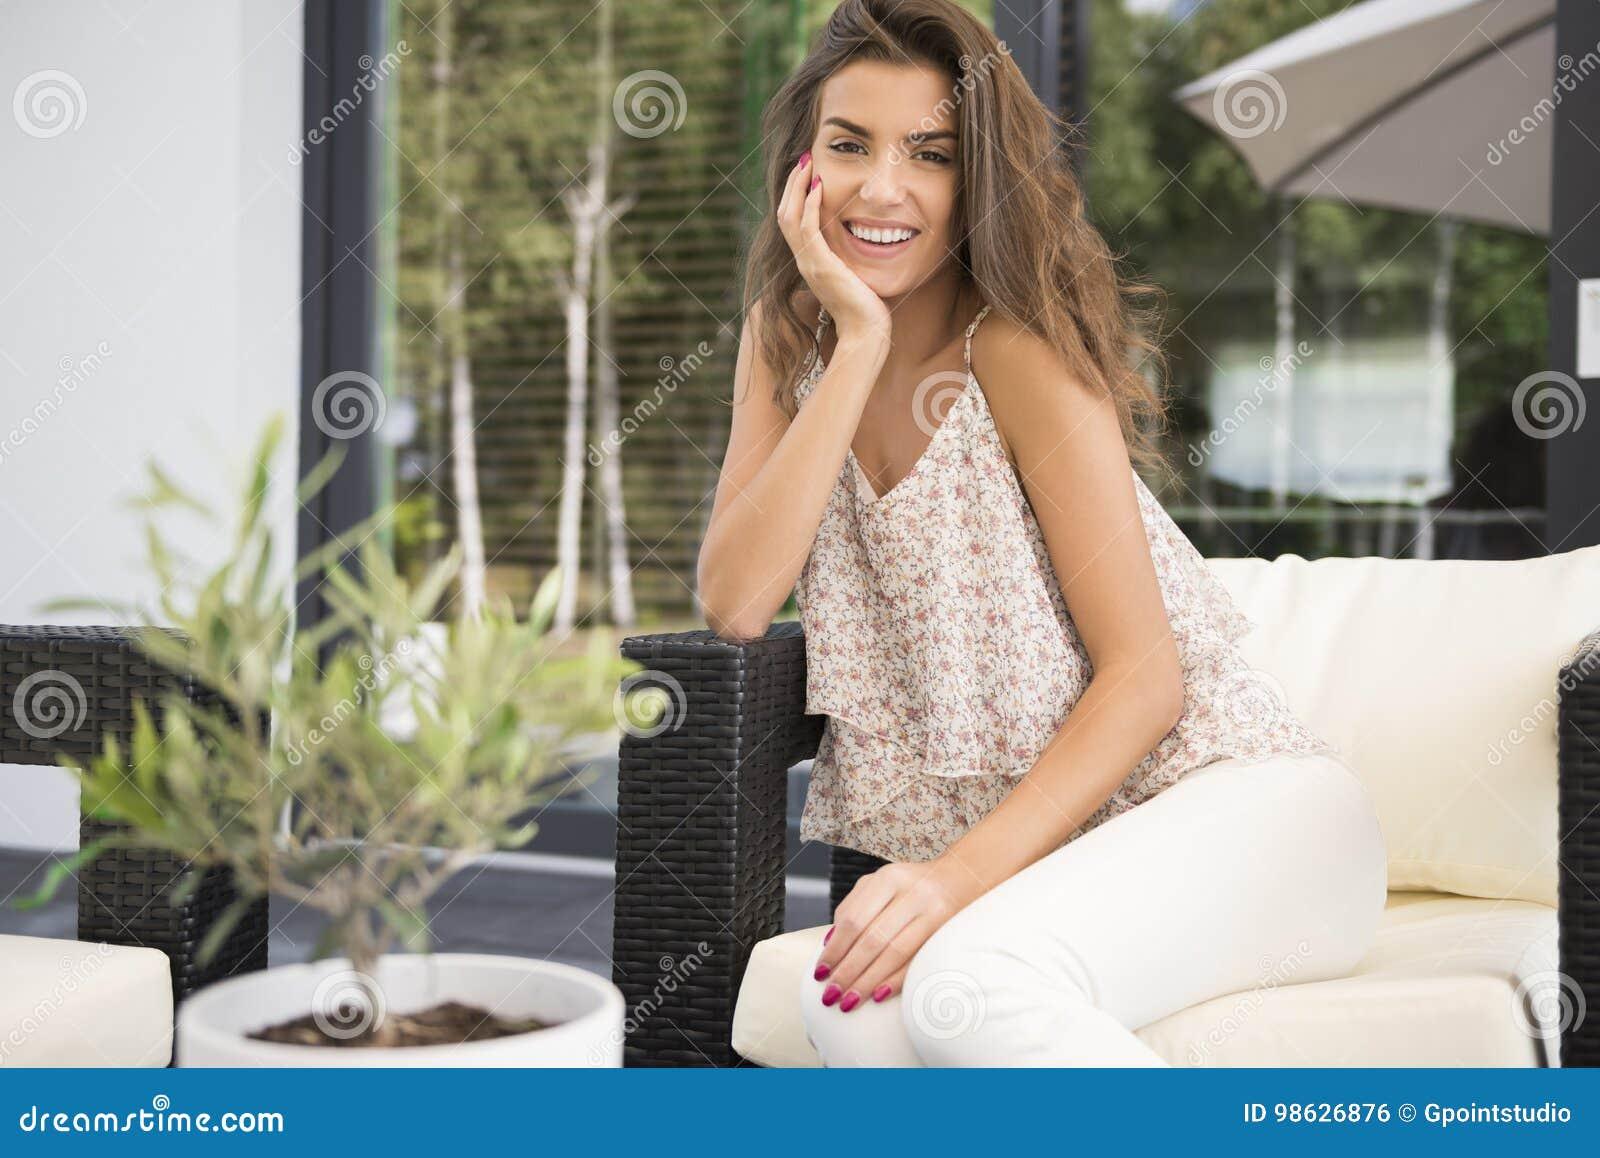 Vrouwen thuis terras stock foto. afbeelding bestaande uit